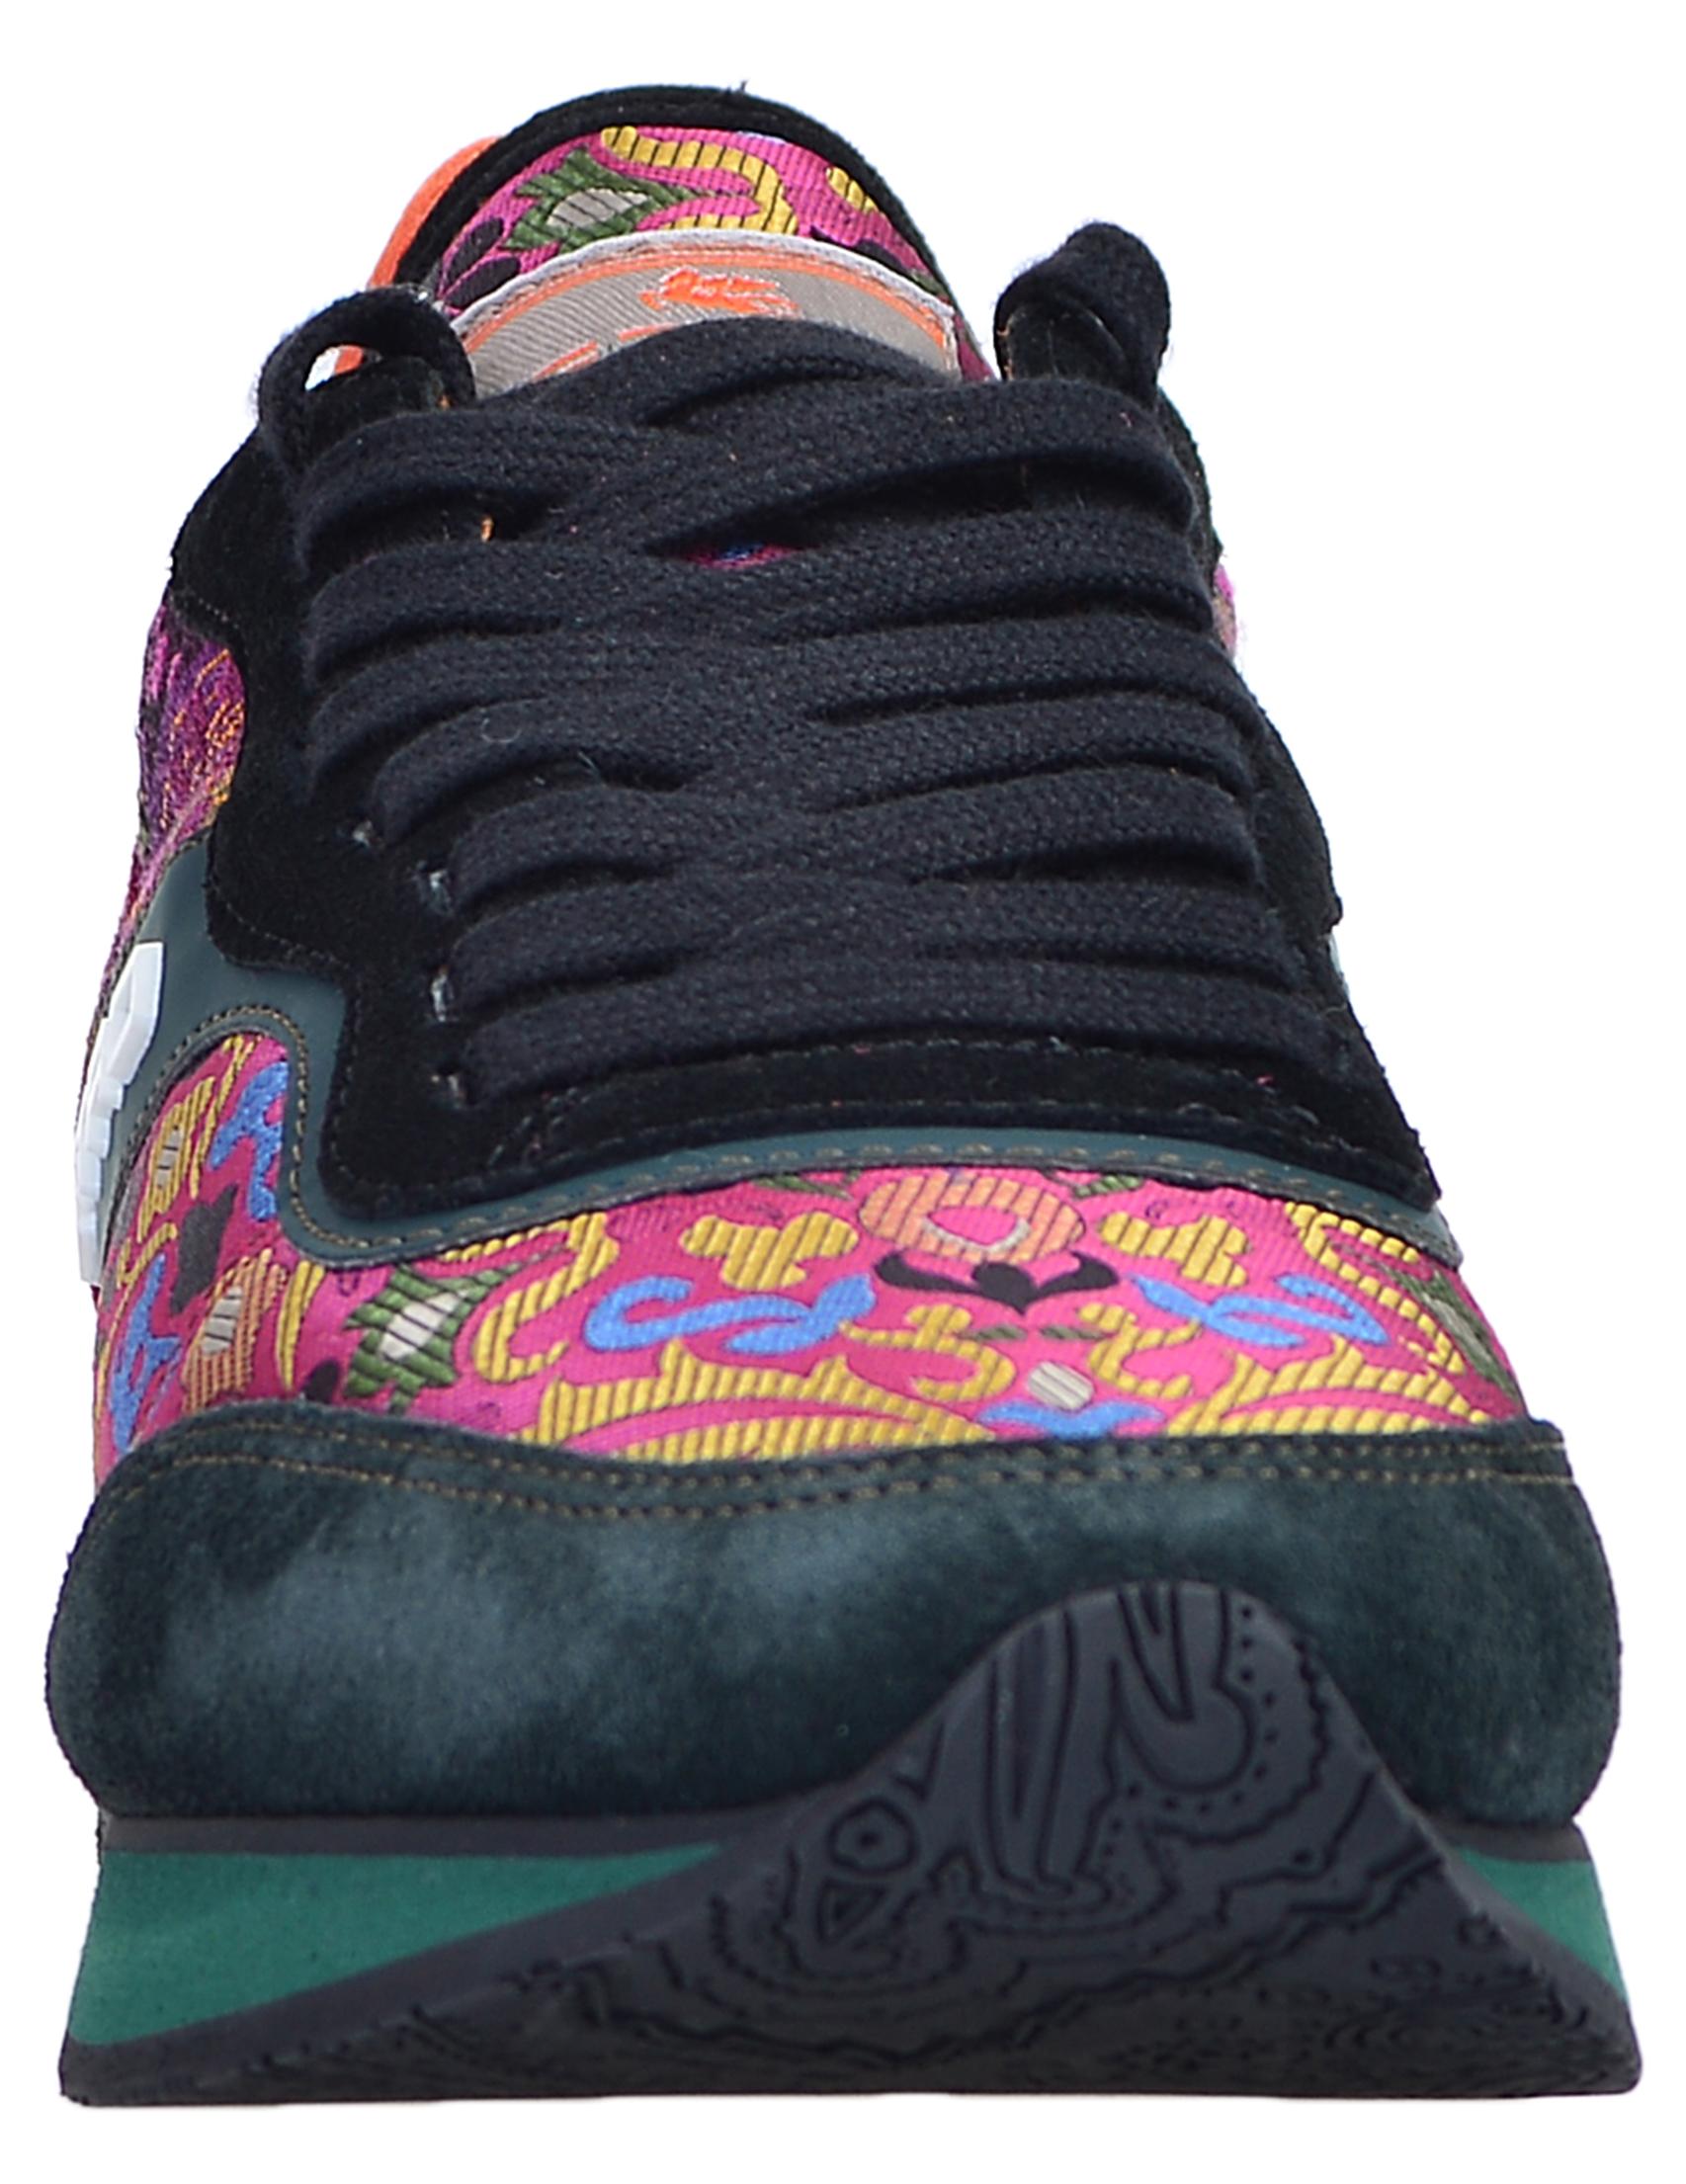 Фото 6 - женские кроссовки  цвет многоцветный